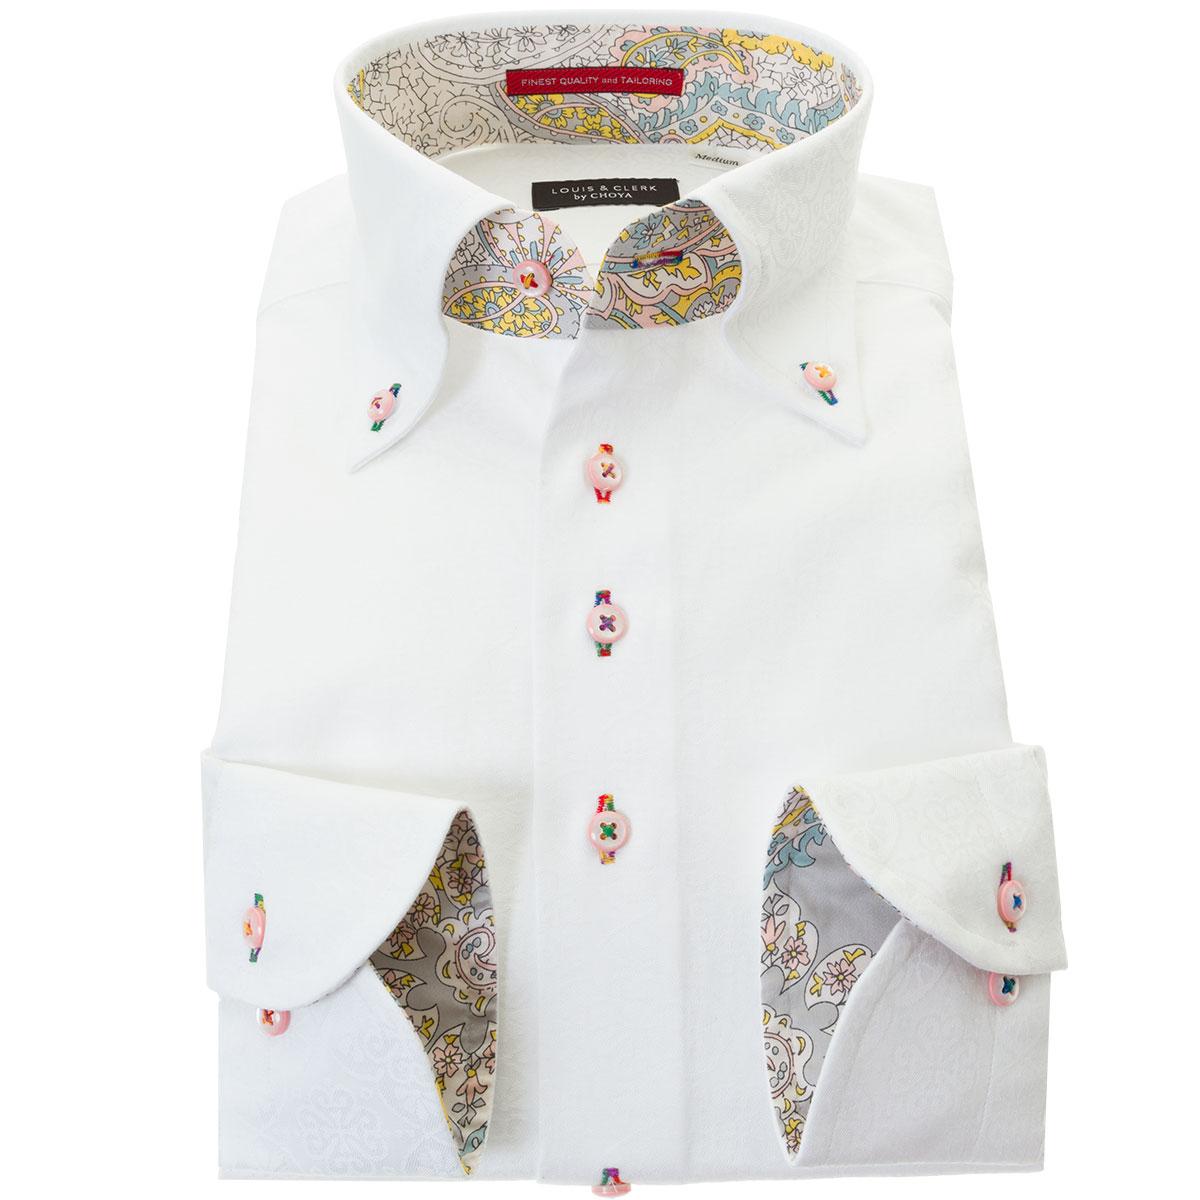 ドレスシャツ ワイシャツ シャツ メンズ 国産 長袖 綿100% コンフォート ボタンダウン 胸ポケット無 ホワイト ジャガード織 オリエンタルフラワーパターン